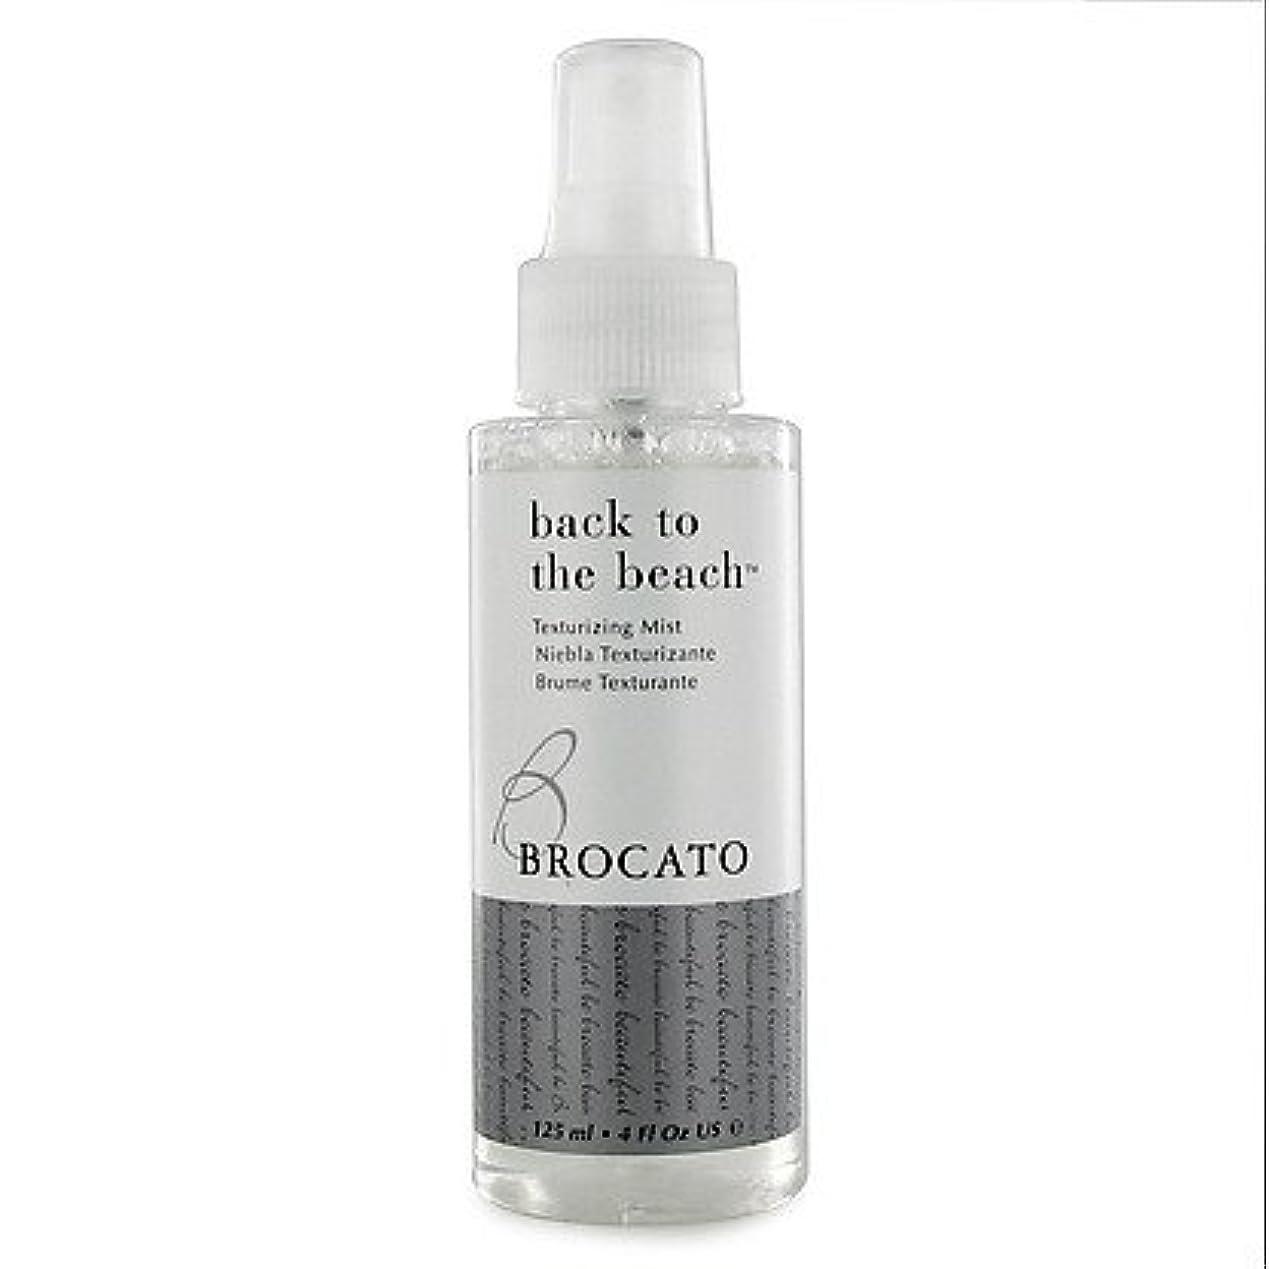 Brocato 戻るBeautopia髪でビーチテクスチャーミスト:テクスチャ&ボリュームヘアスタイリングは、女性のためのスプレー - 4オンス 各